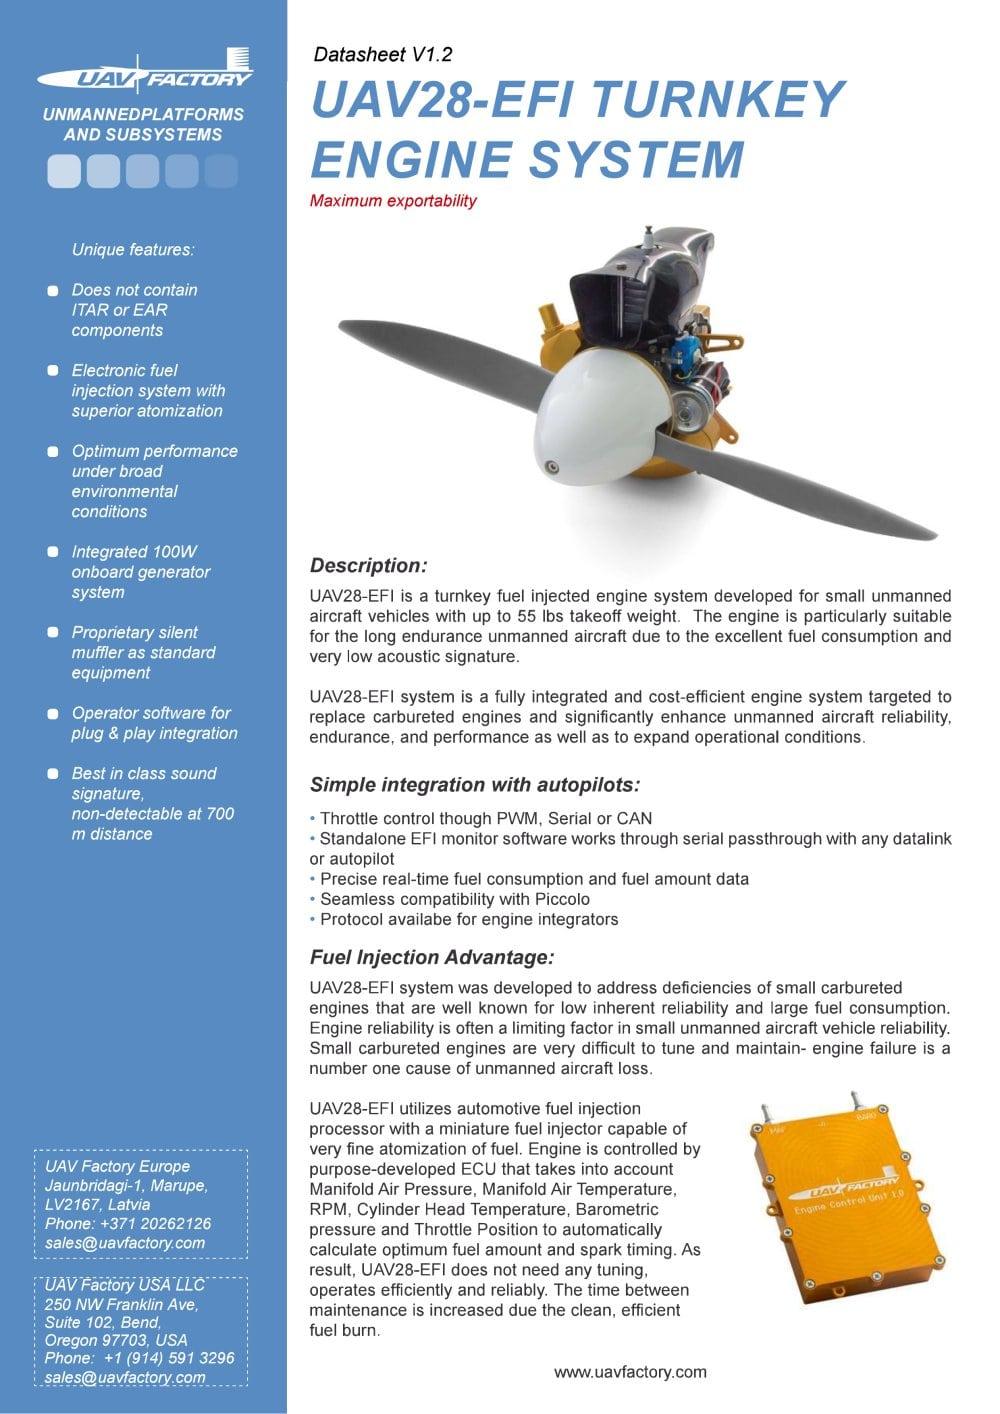 UAV28-EFI TURNKEY ENGINE SYSTEM - UAV Factory Ltd. Europe - PDF ...